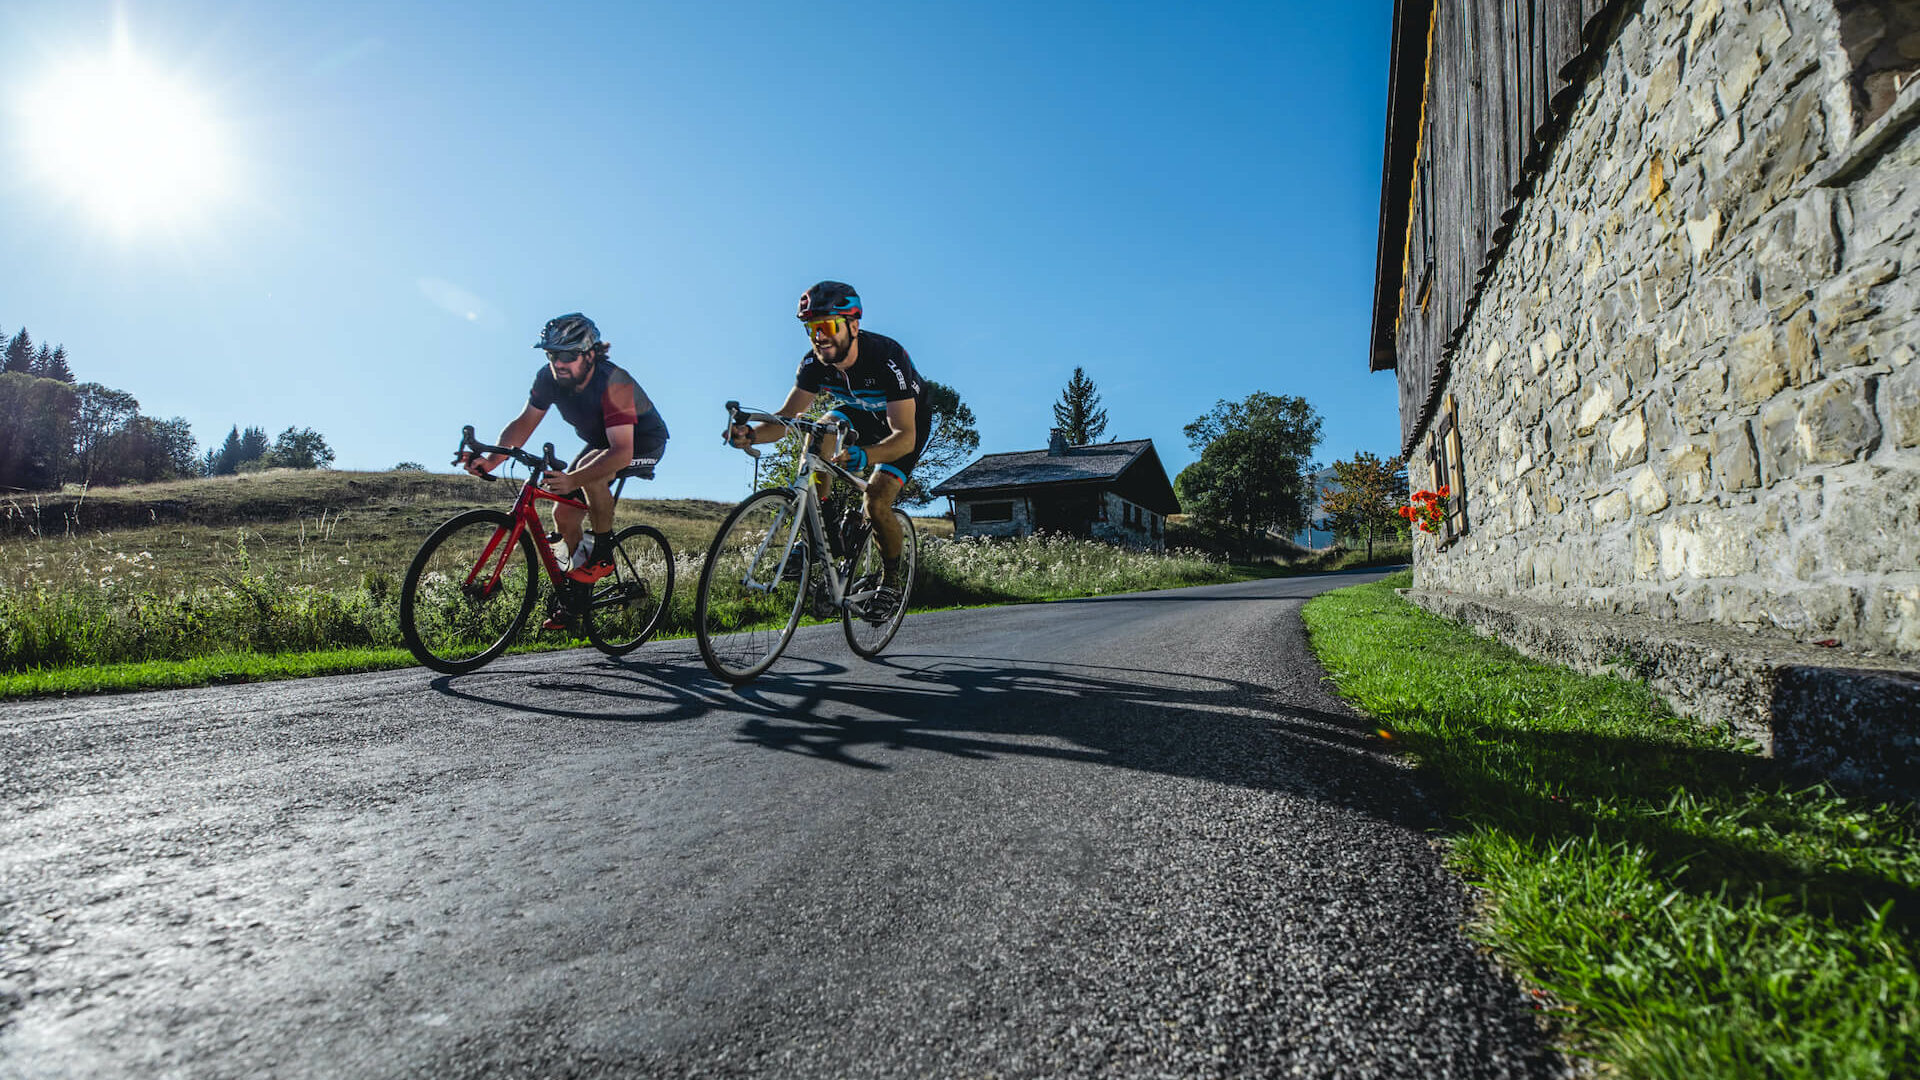 Cyclistes en été sur une route de montagne